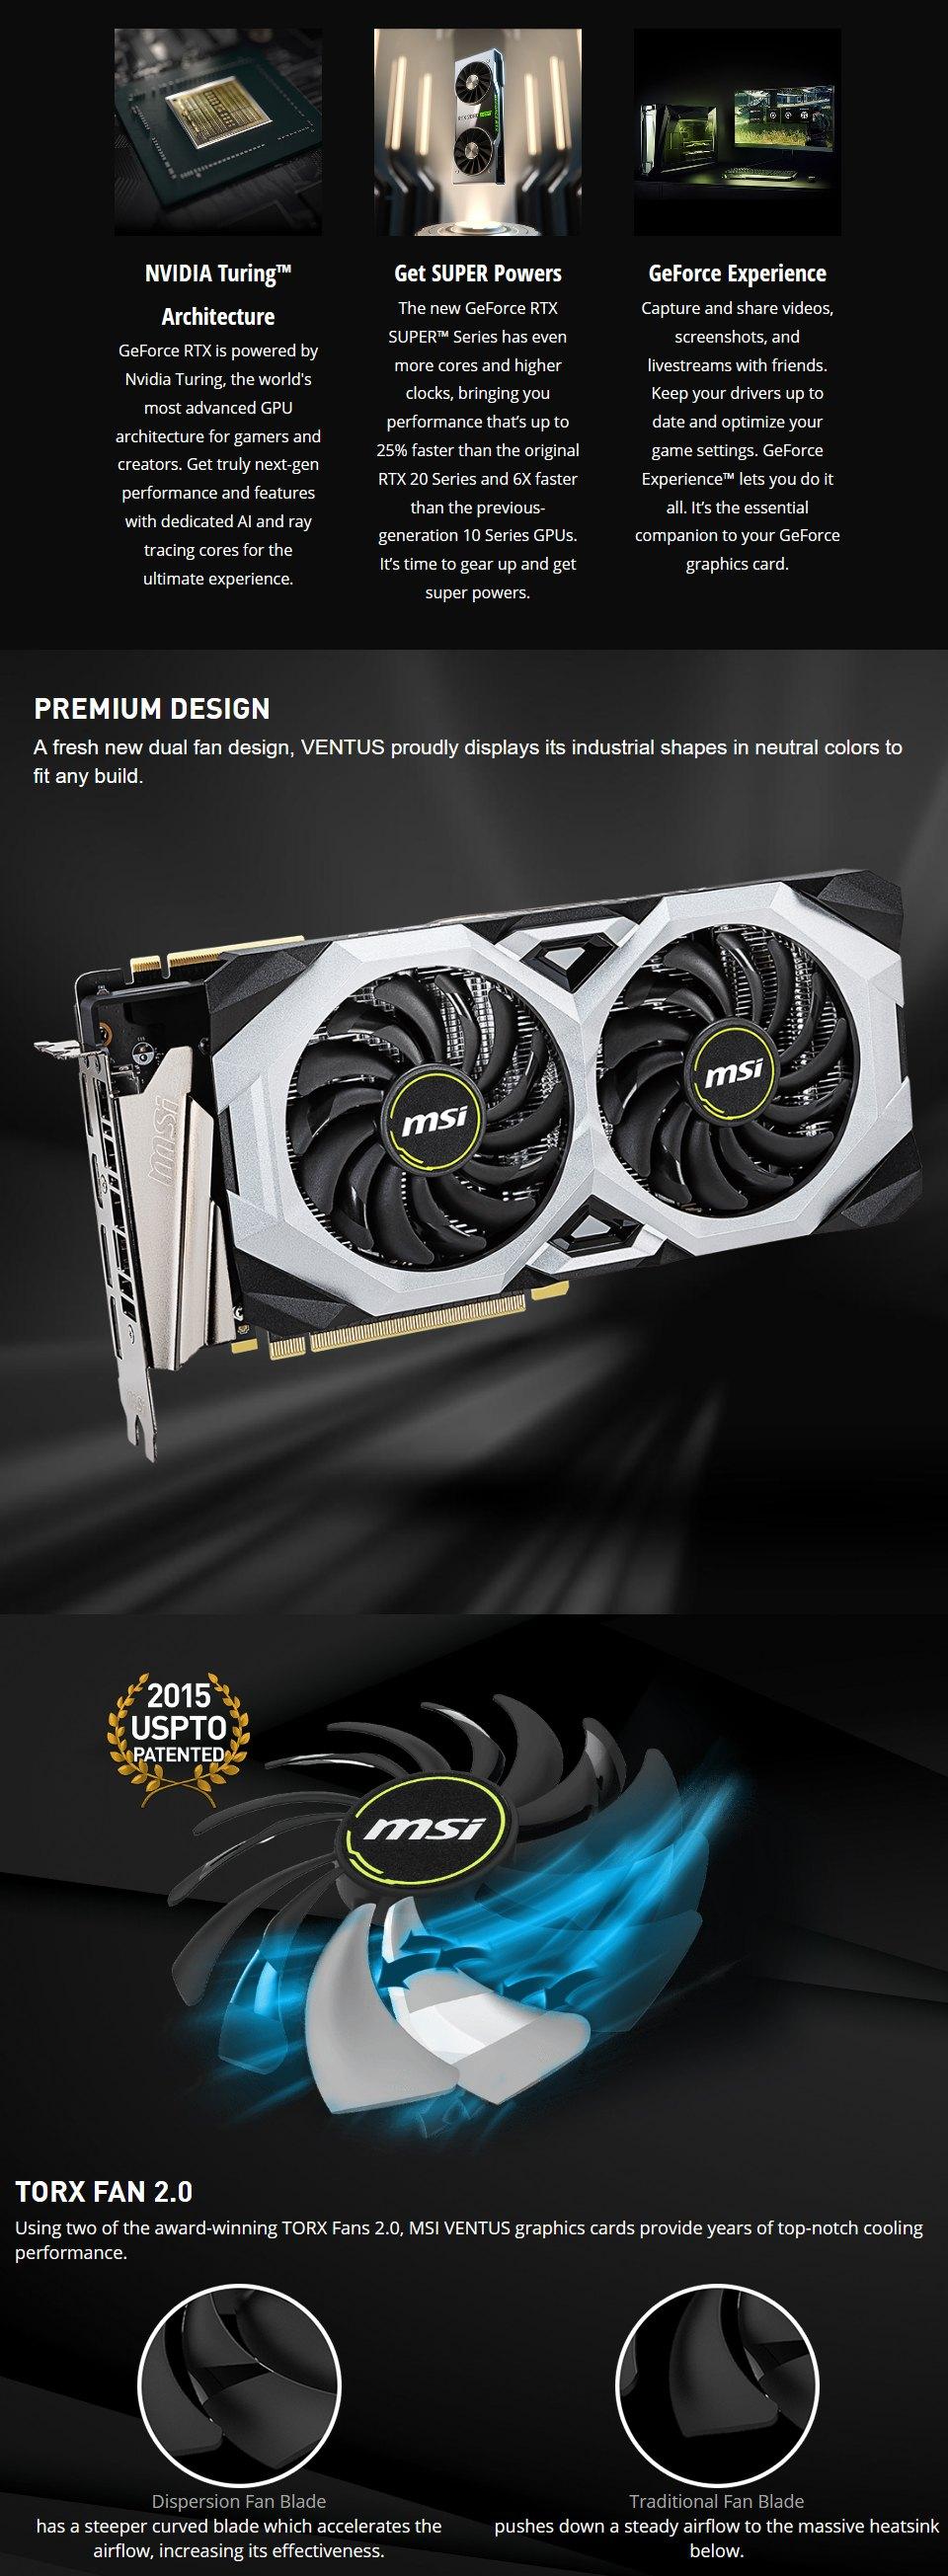 MSI GeForce RTX 2070 Super Ventus GP OC 8GB features